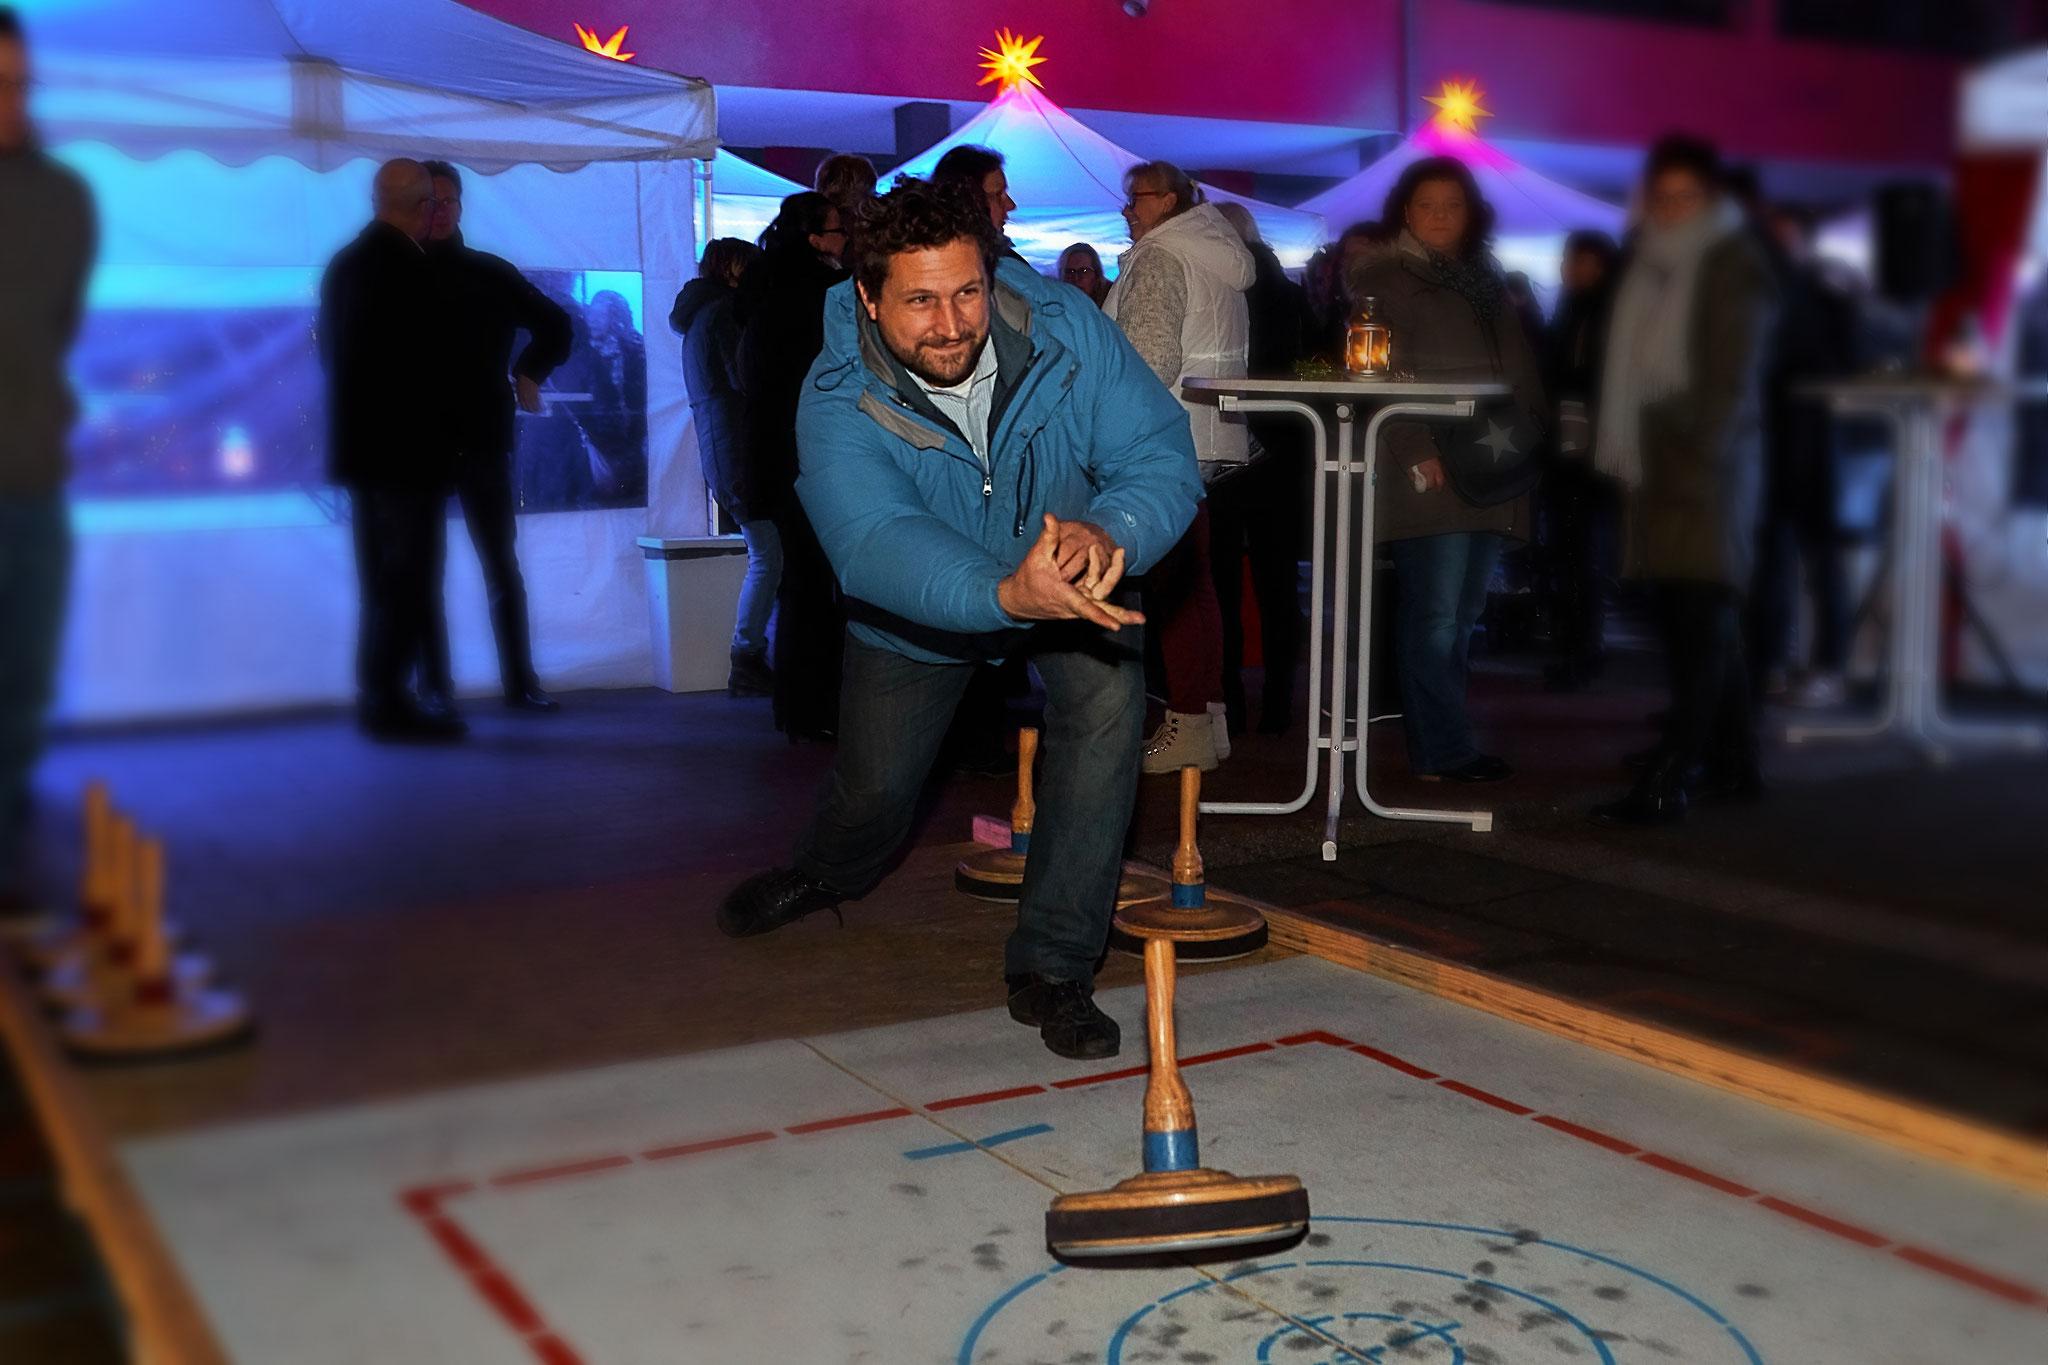 <h2>NEU! Teambuilding Weihnachtsmarkt</h2>Viel Spaß bei Teambuilding! Mieten Sie gleich die Curlingbahn für Stuttgart und München!